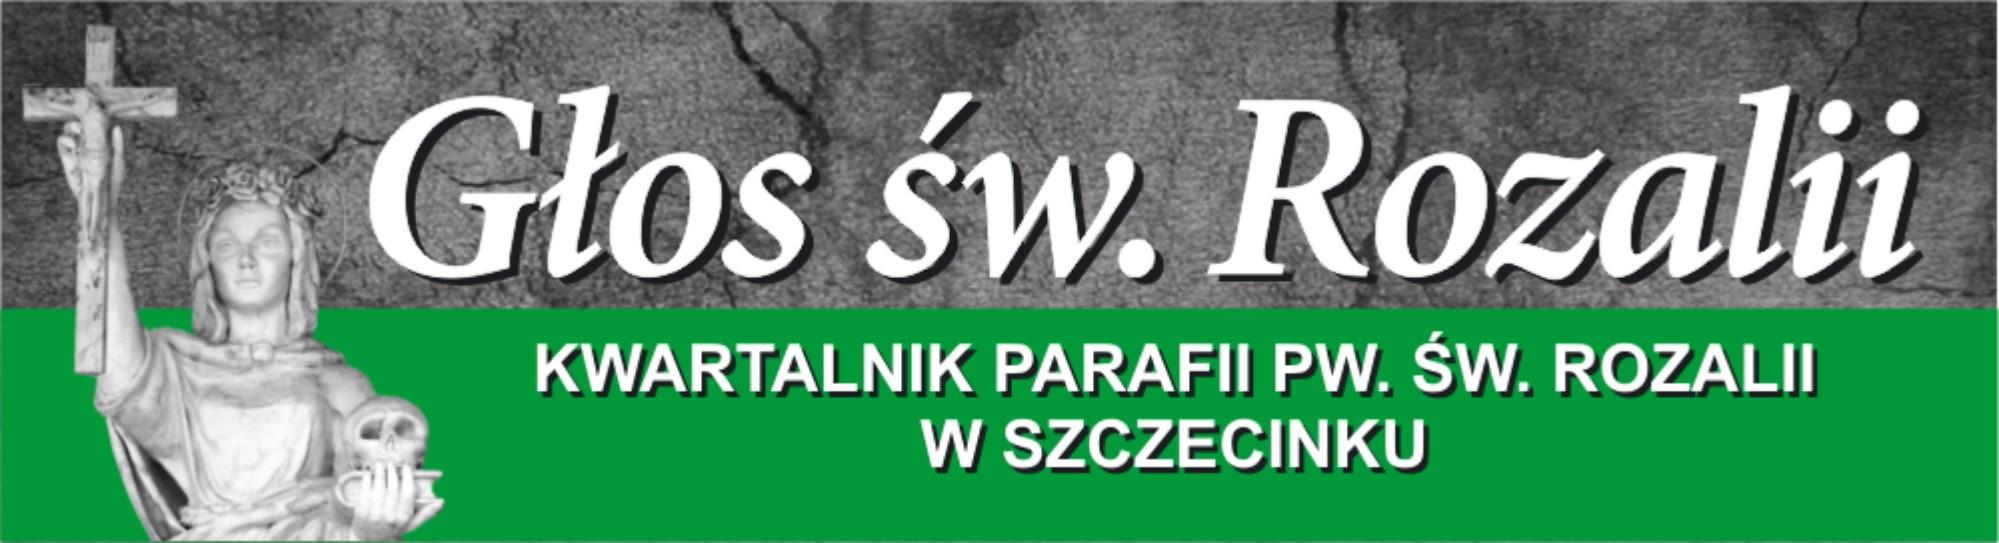 Rozaliada Juz 2 Wrzesnia Parafia Pw Sw Rozalii W Szczecinku